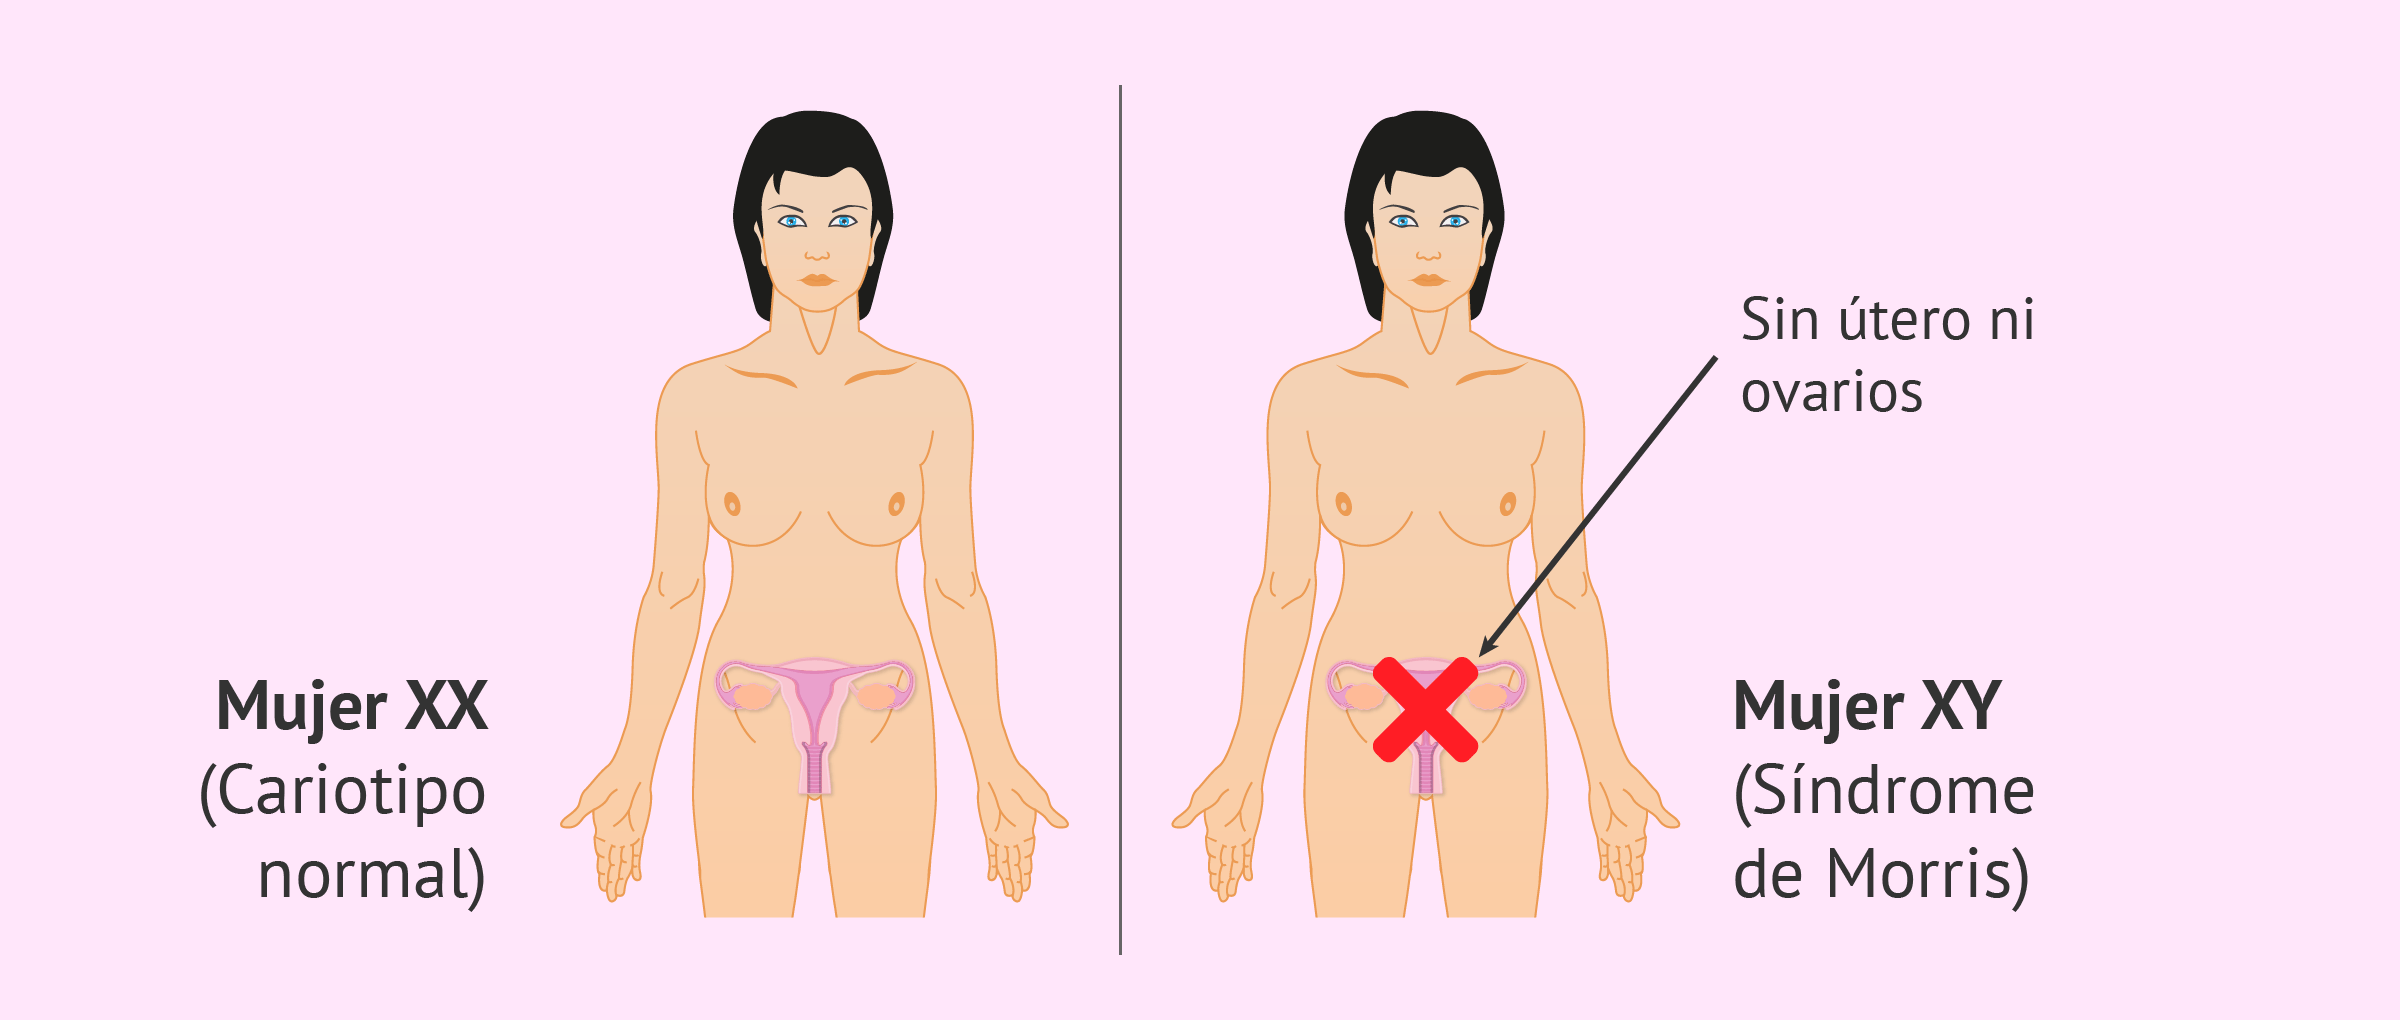 Síndrome de Morris: características, causas y opciones reproductivas